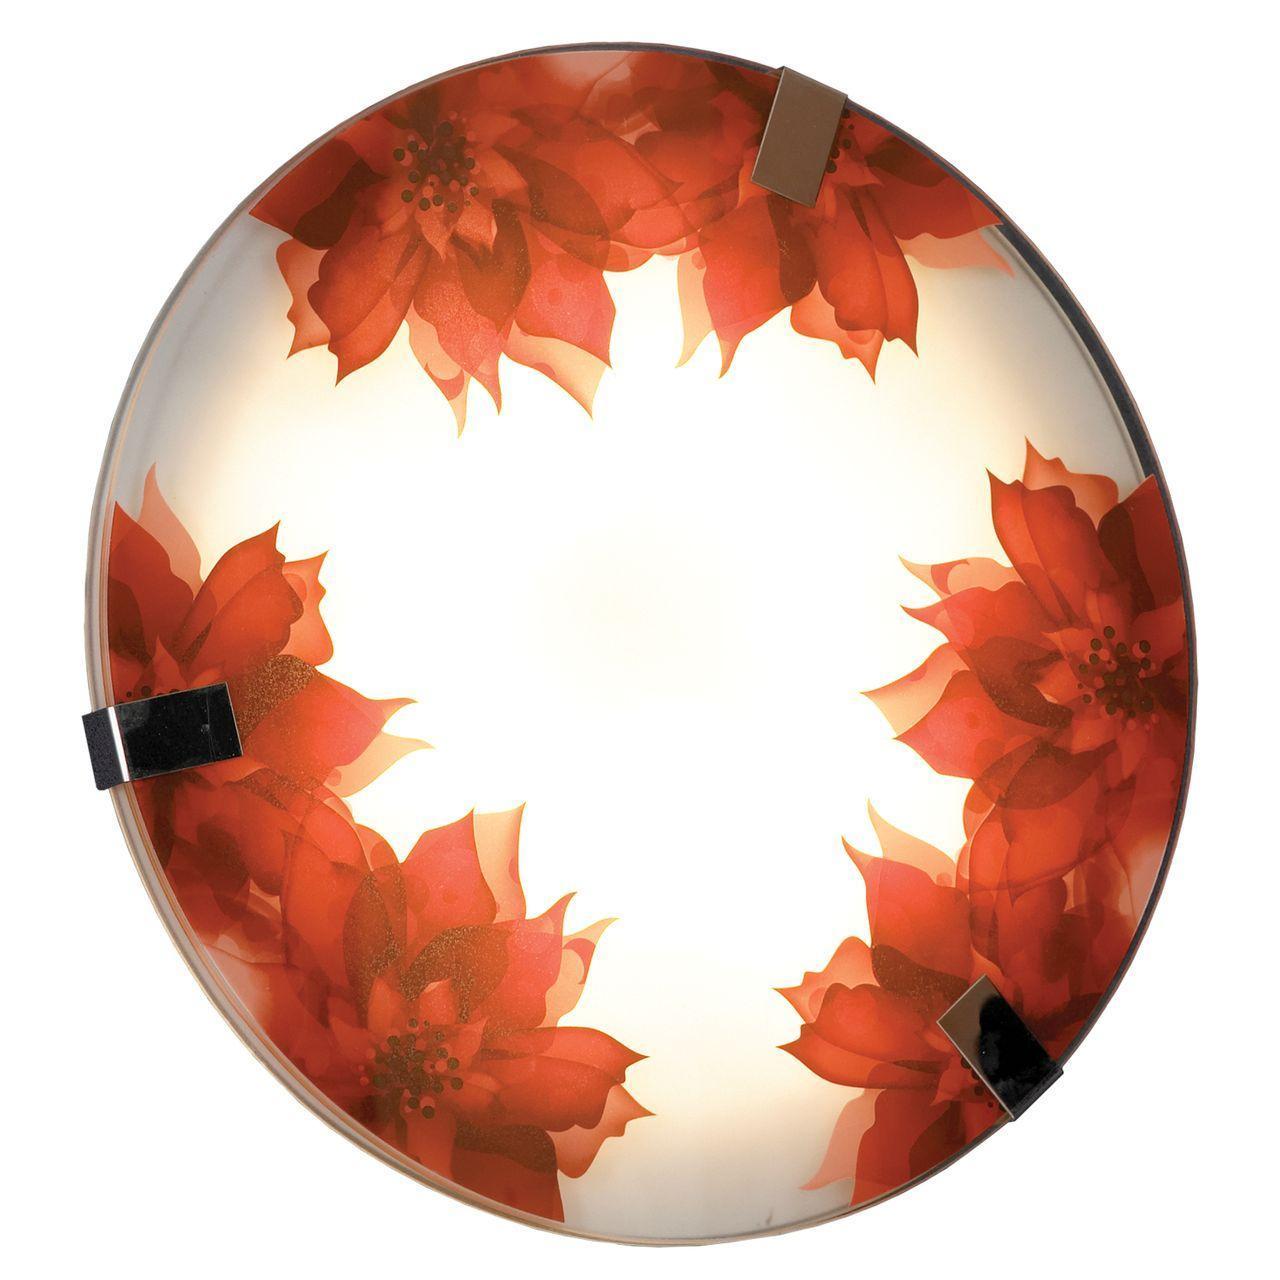 Настенный светильник Lussole Lgo LSN-5252-01 светильник подвесной lussole mela lsn 0206 01